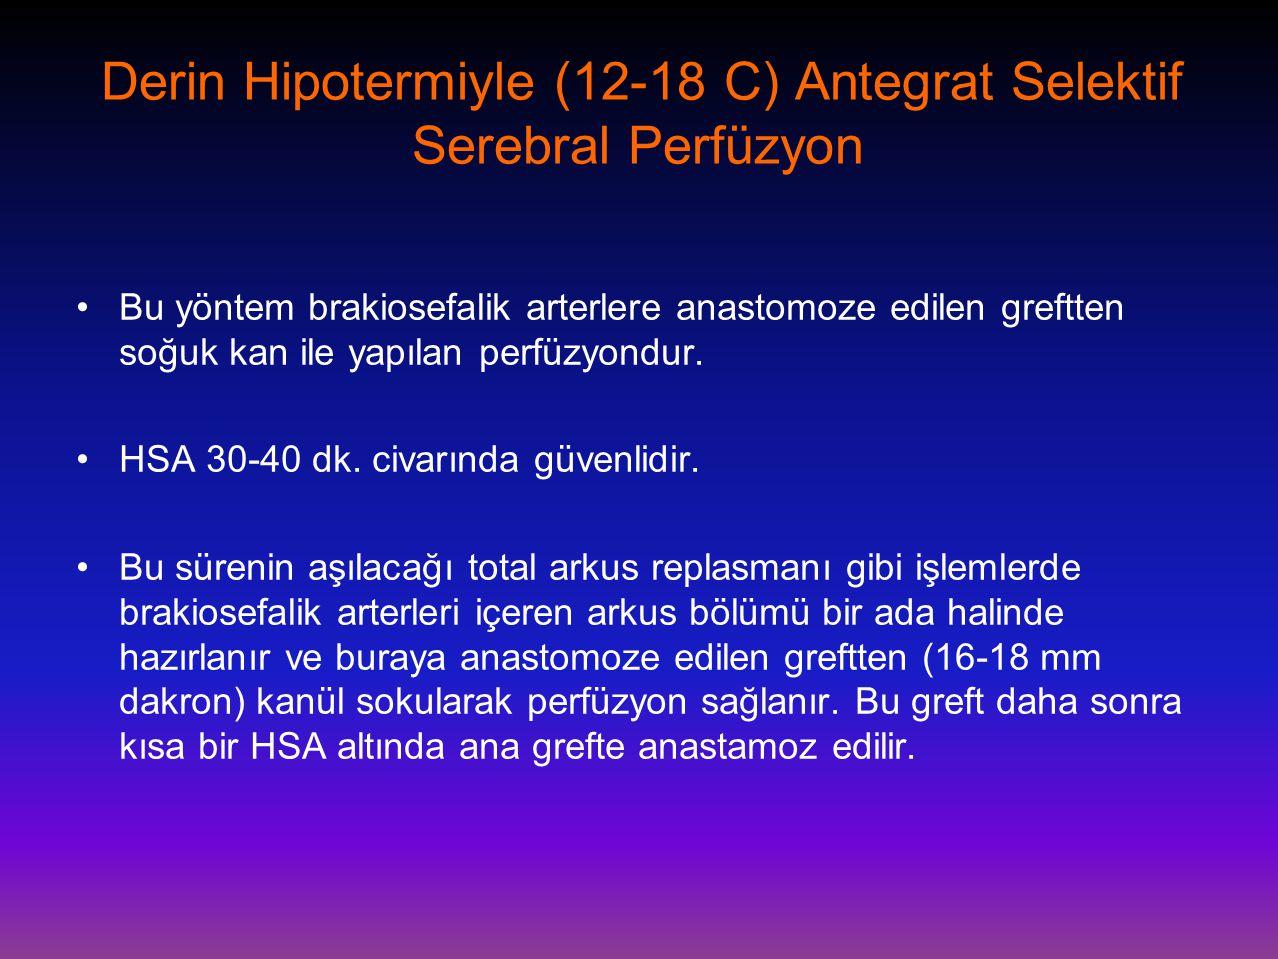 Derin Hipotermiyle (12-18 C) Antegrat Selektif Serebral Perfüzyon •Bu yöntem brakiosefalik arterlere anastomoze edilen greftten soğuk kan ile yapılan